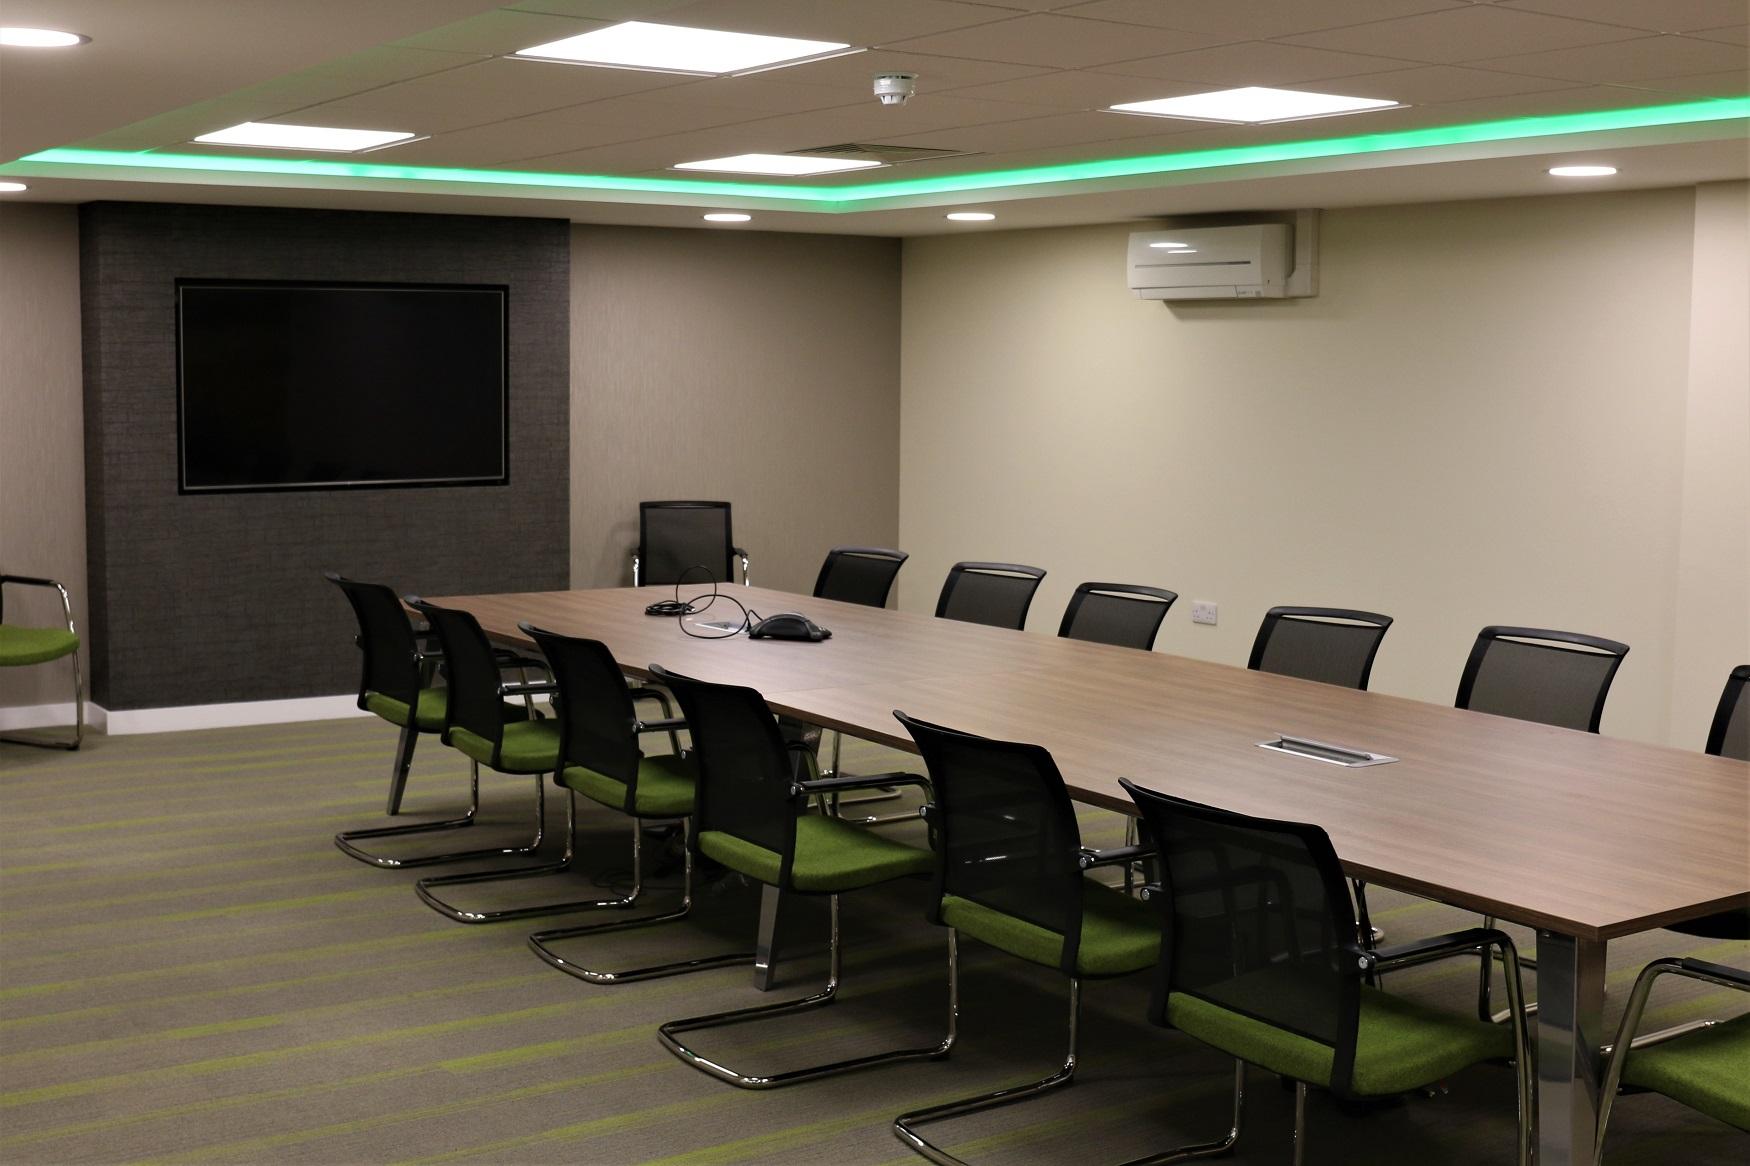 Modern, formal boardroom